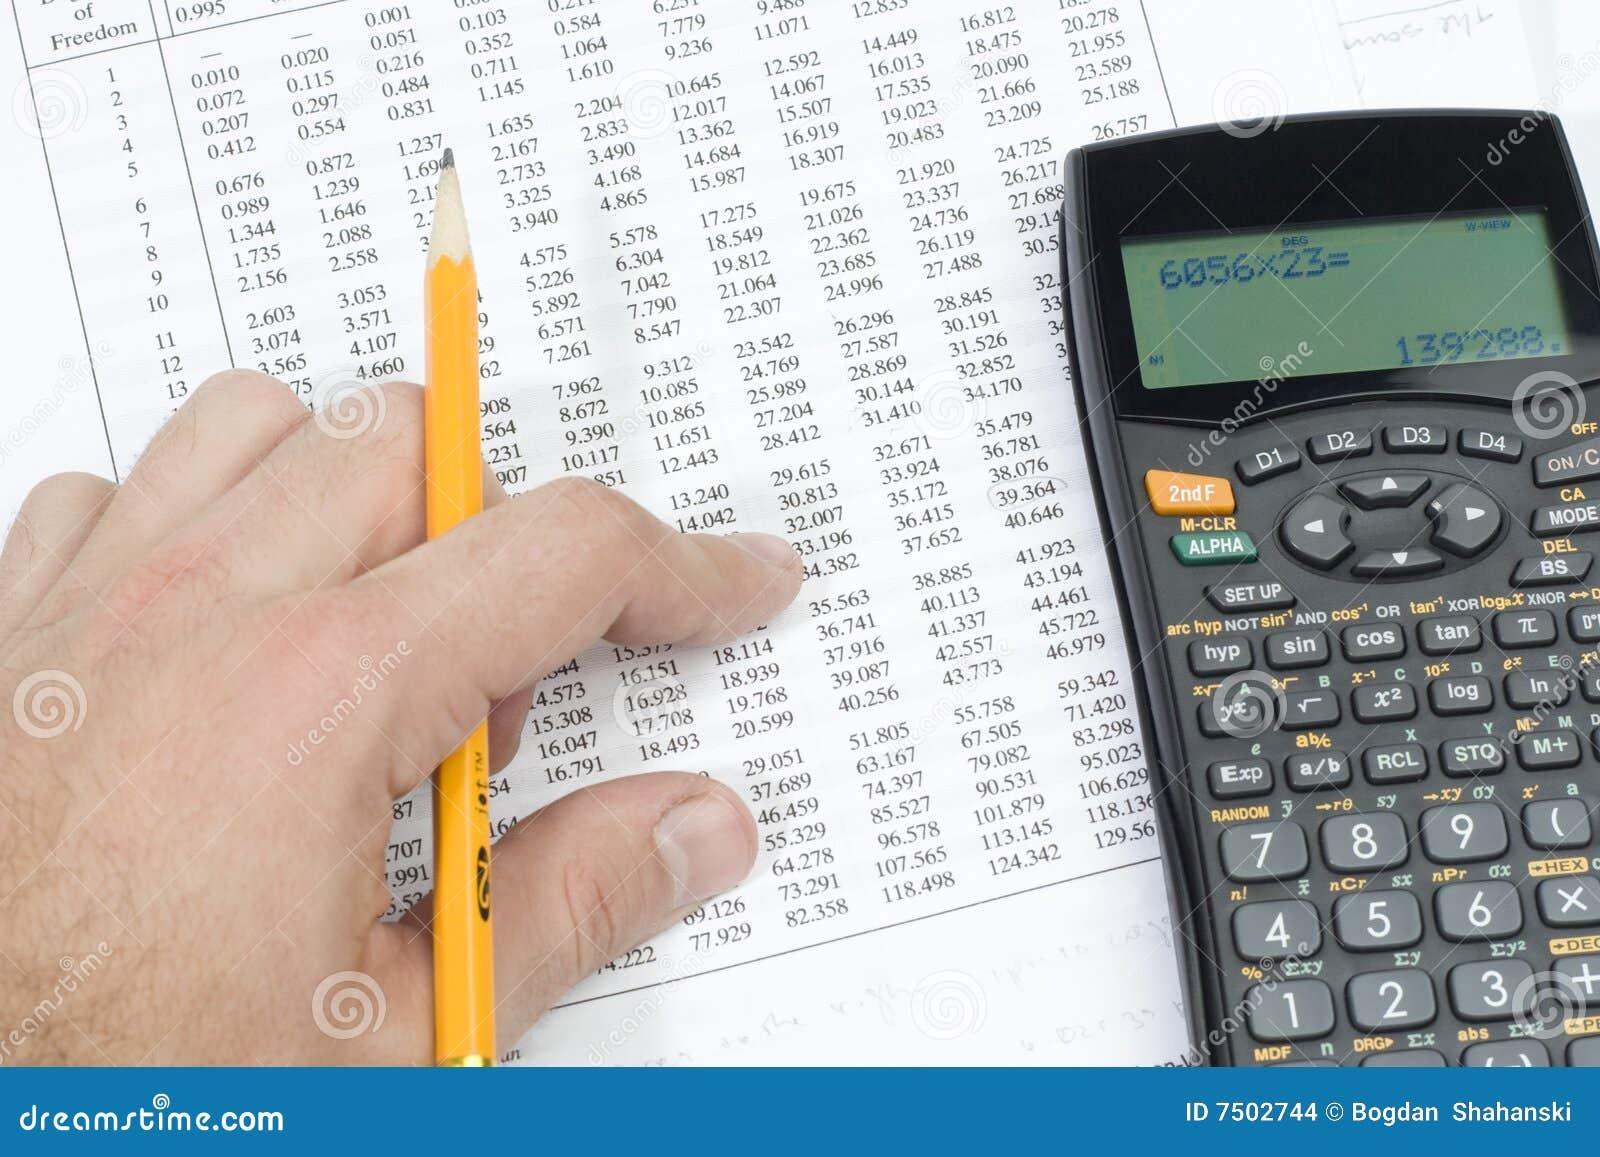 Help doing math homework